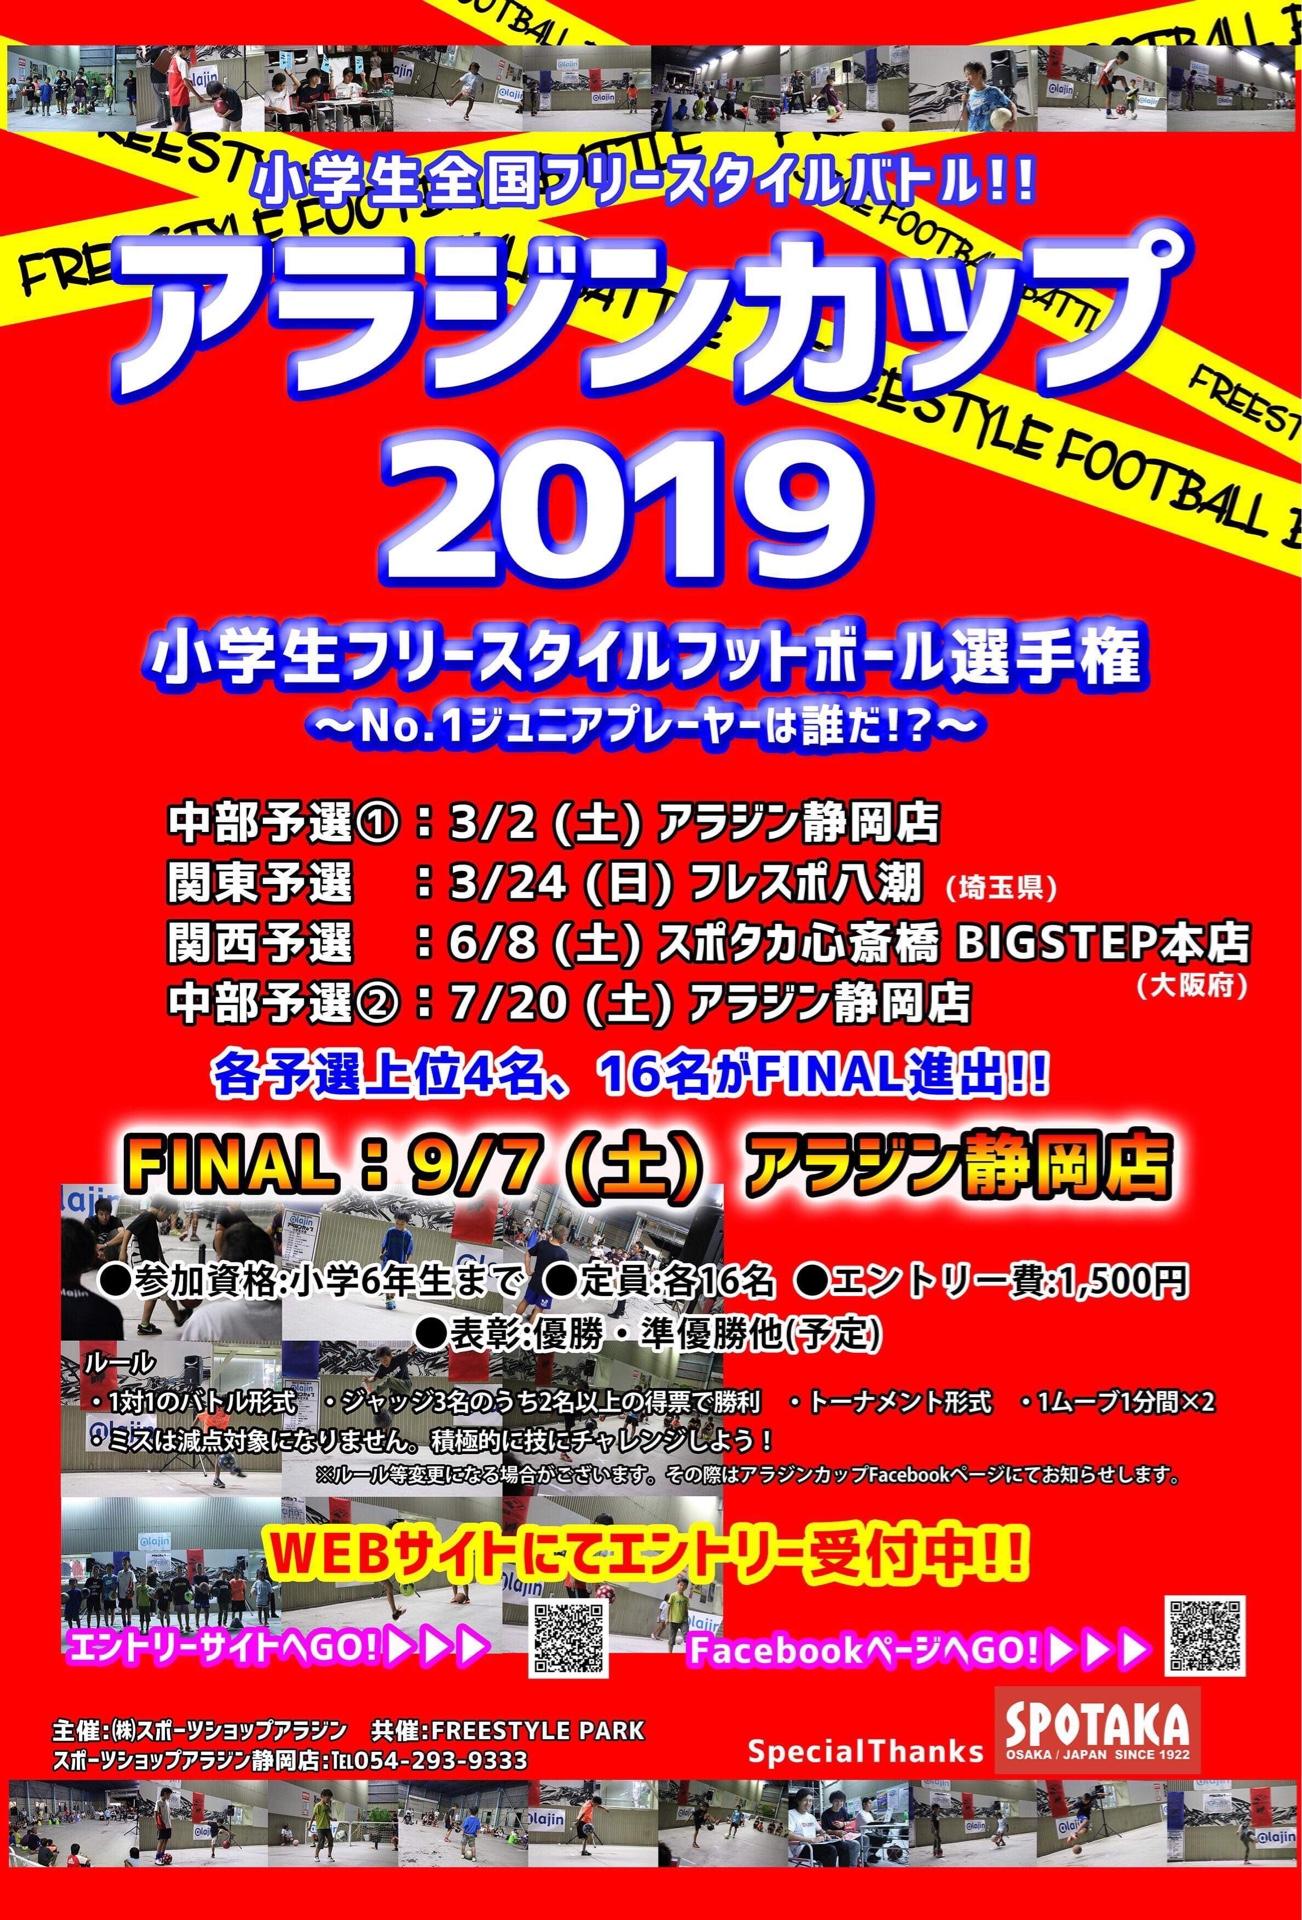 フリースタイルフットボール!  小学生日本一決定戦  アラジンカップの関西予選をスポタカでやります